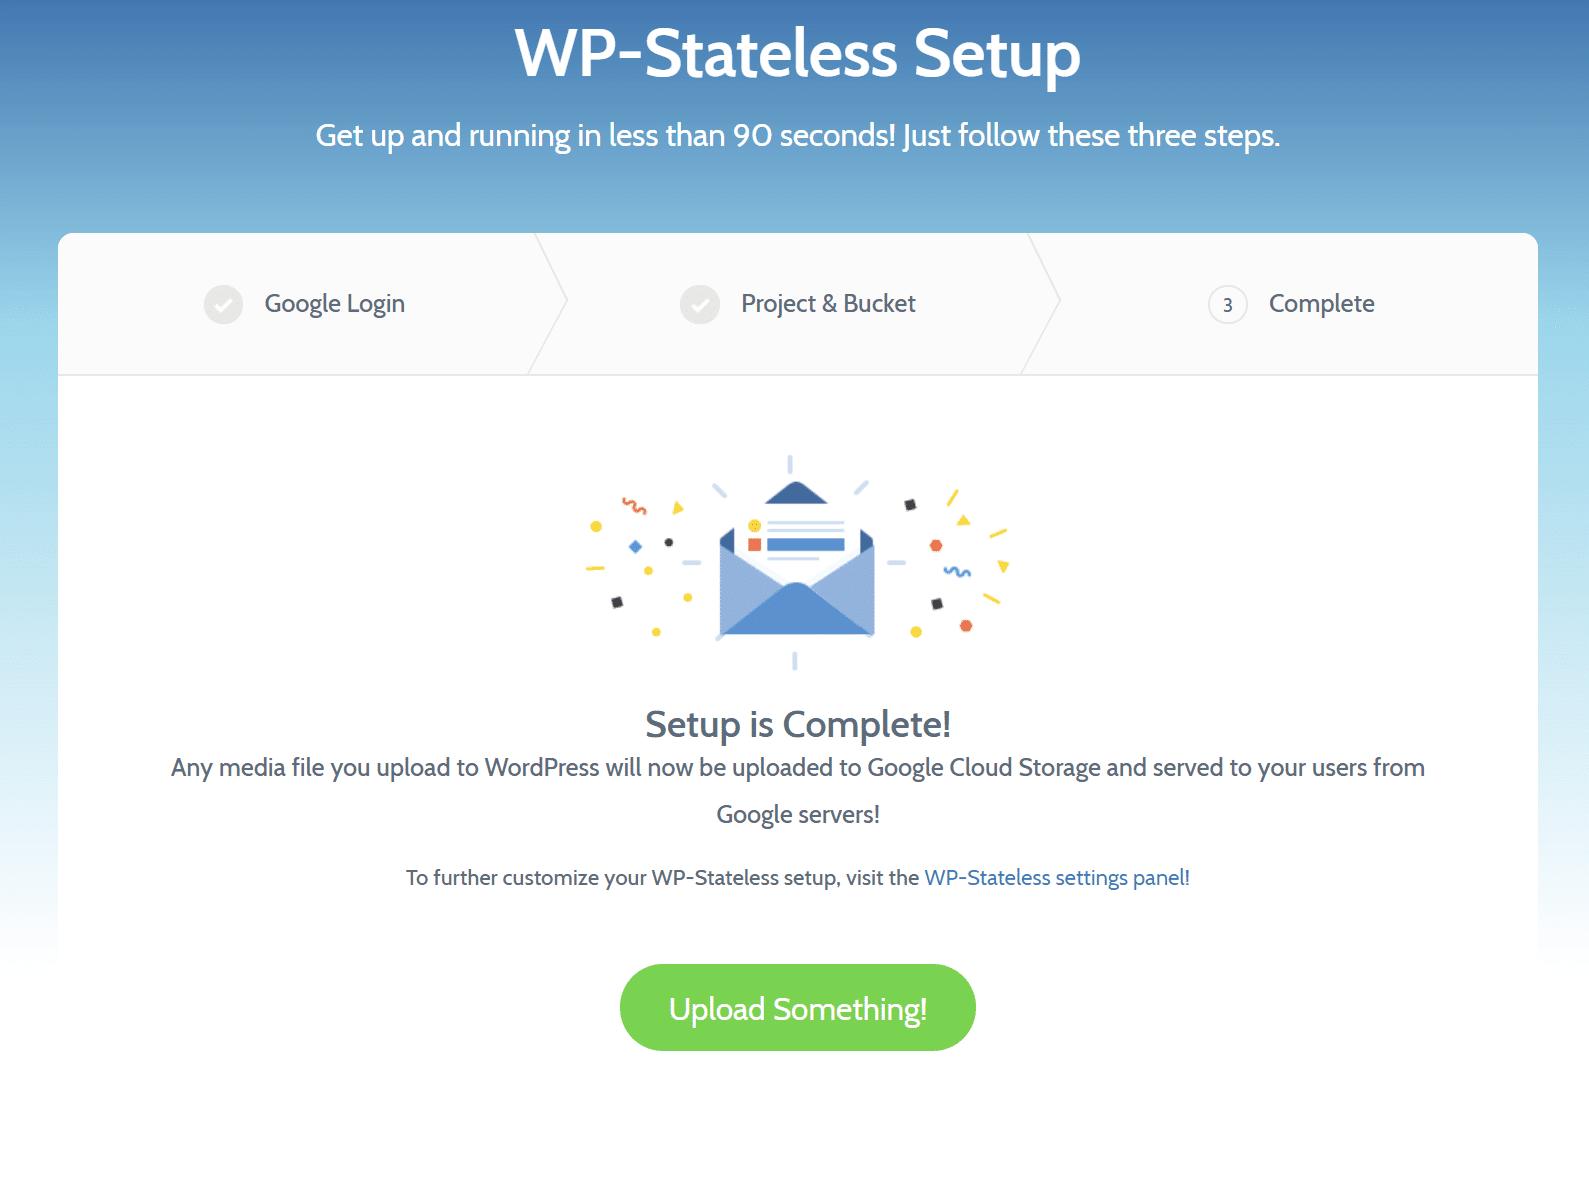 WP-Stateless setup